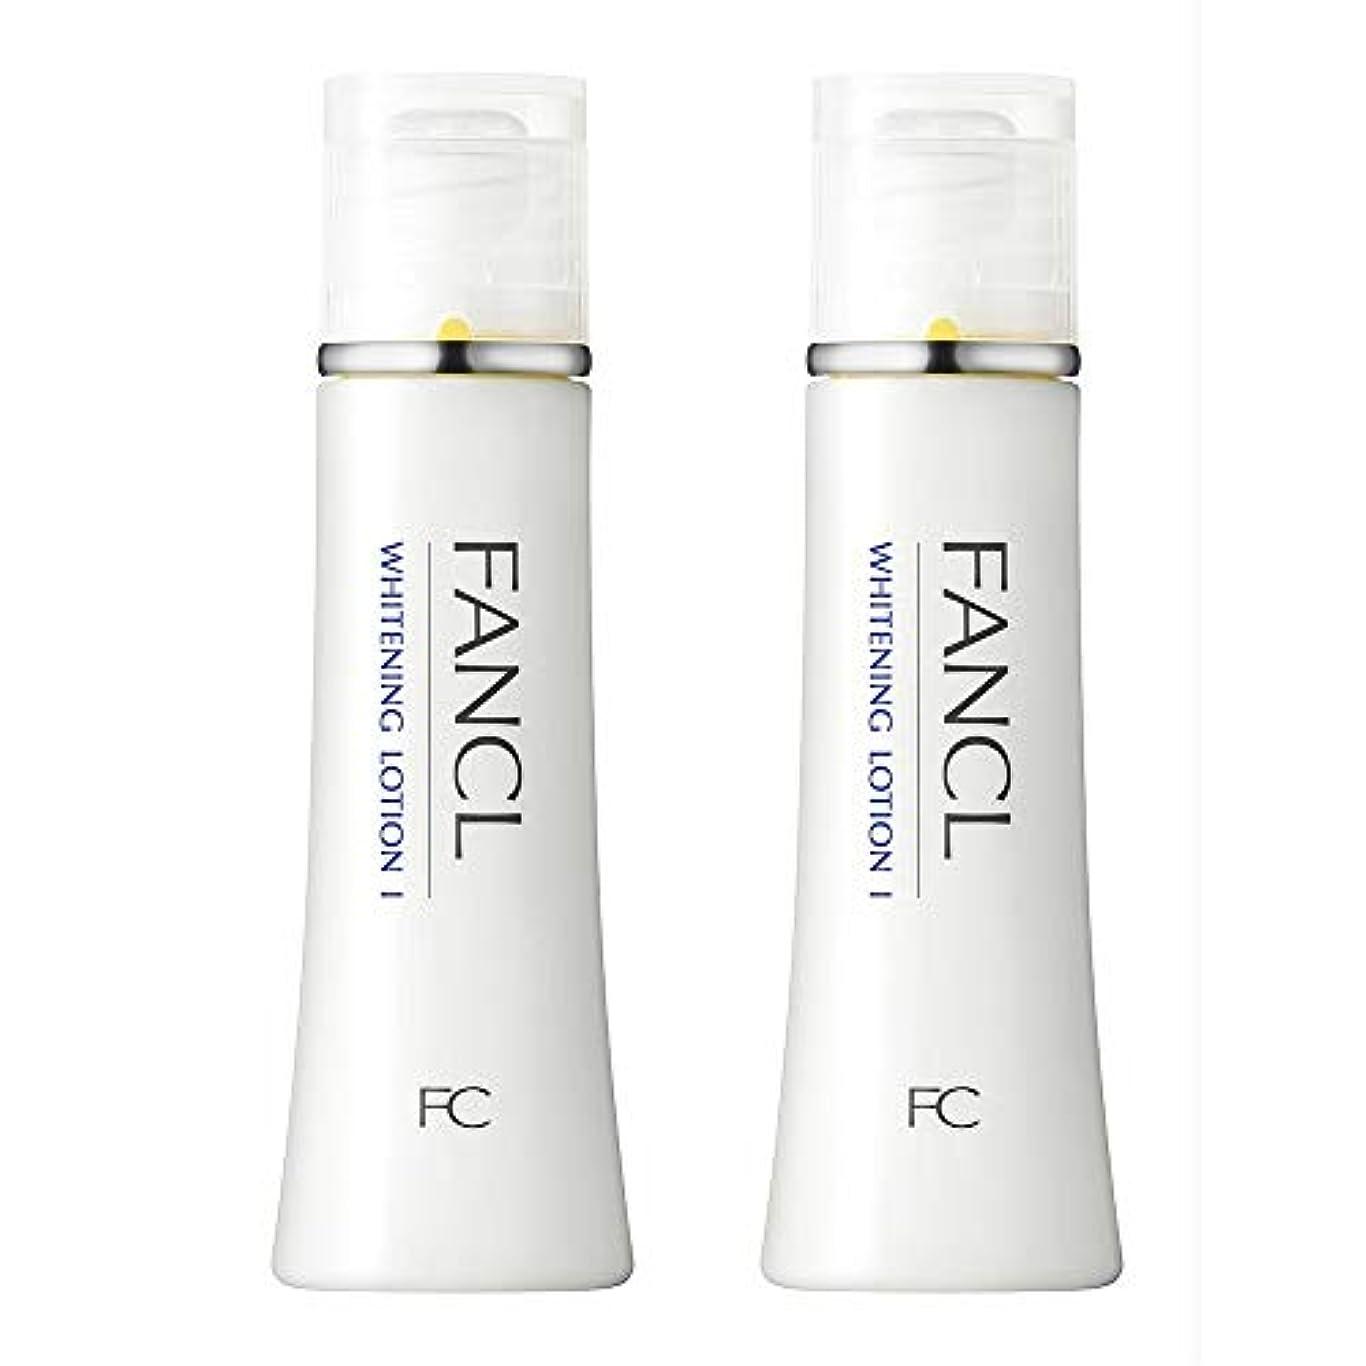 ご注意ジョージバーナード体細胞ファンケル(FANCL) 新ホワイトニング 化粧液 I さっぱり 2本<医薬部外品>